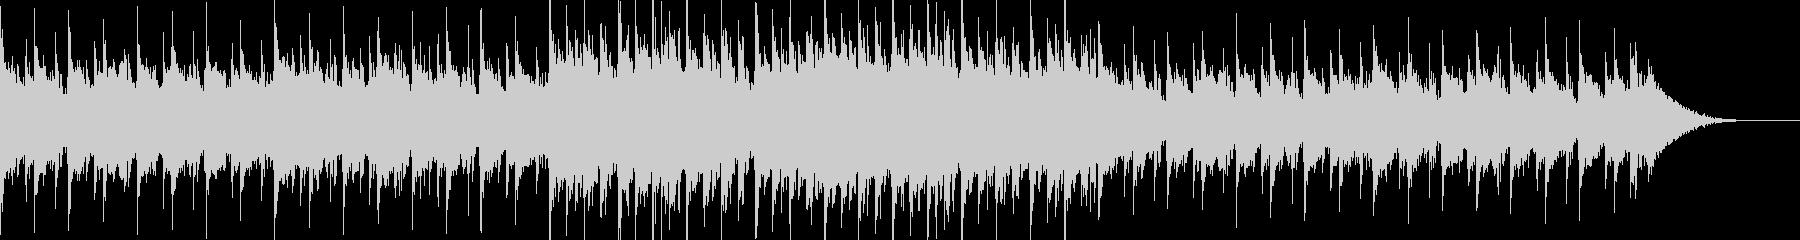 暗い感じのピアノシネマティックの未再生の波形